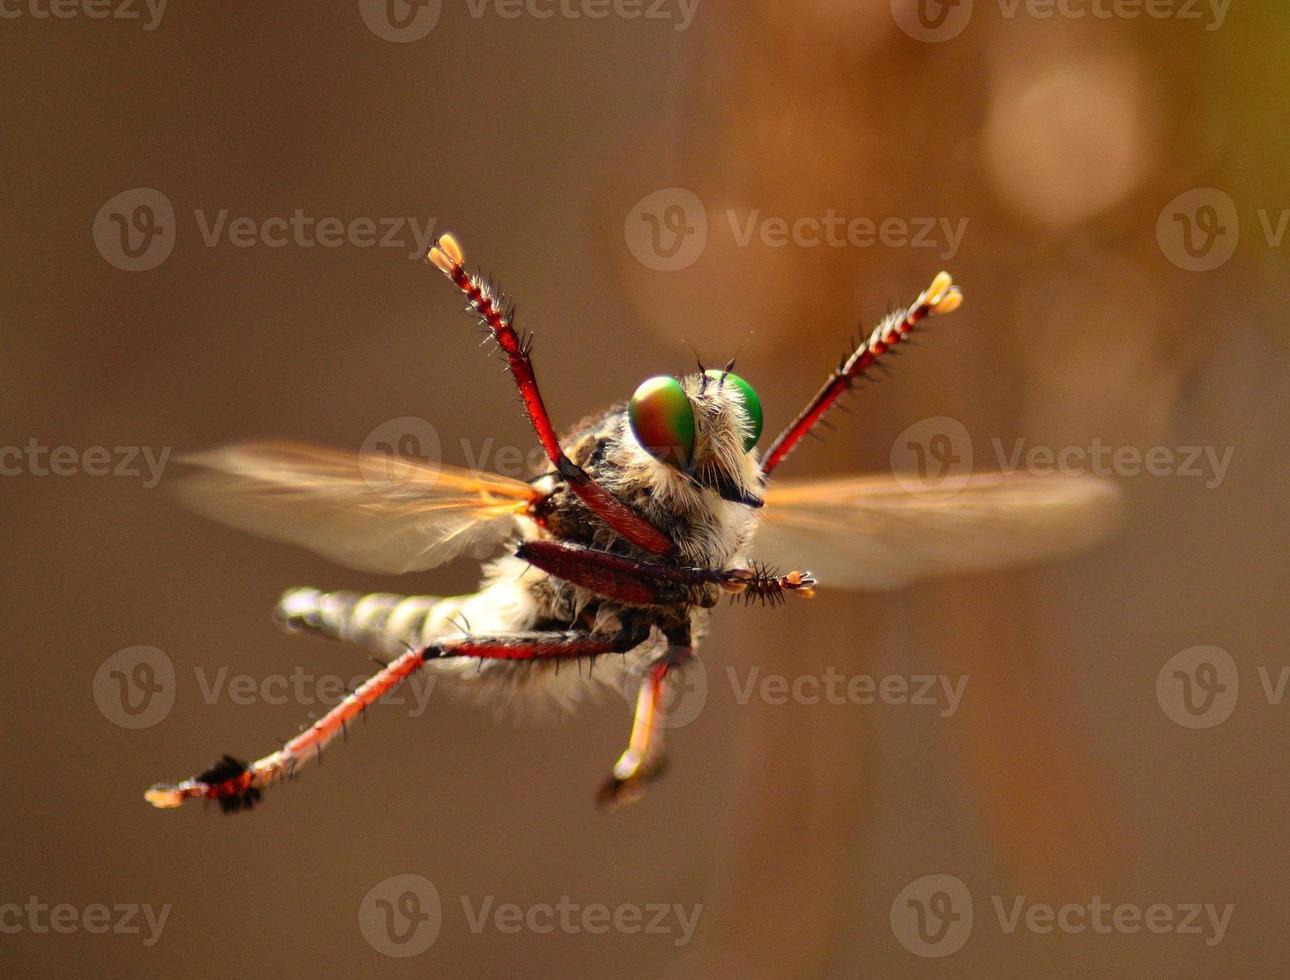 acrobacias espetaculares do magnífico ladrão voam em seu ritual de namoro foto